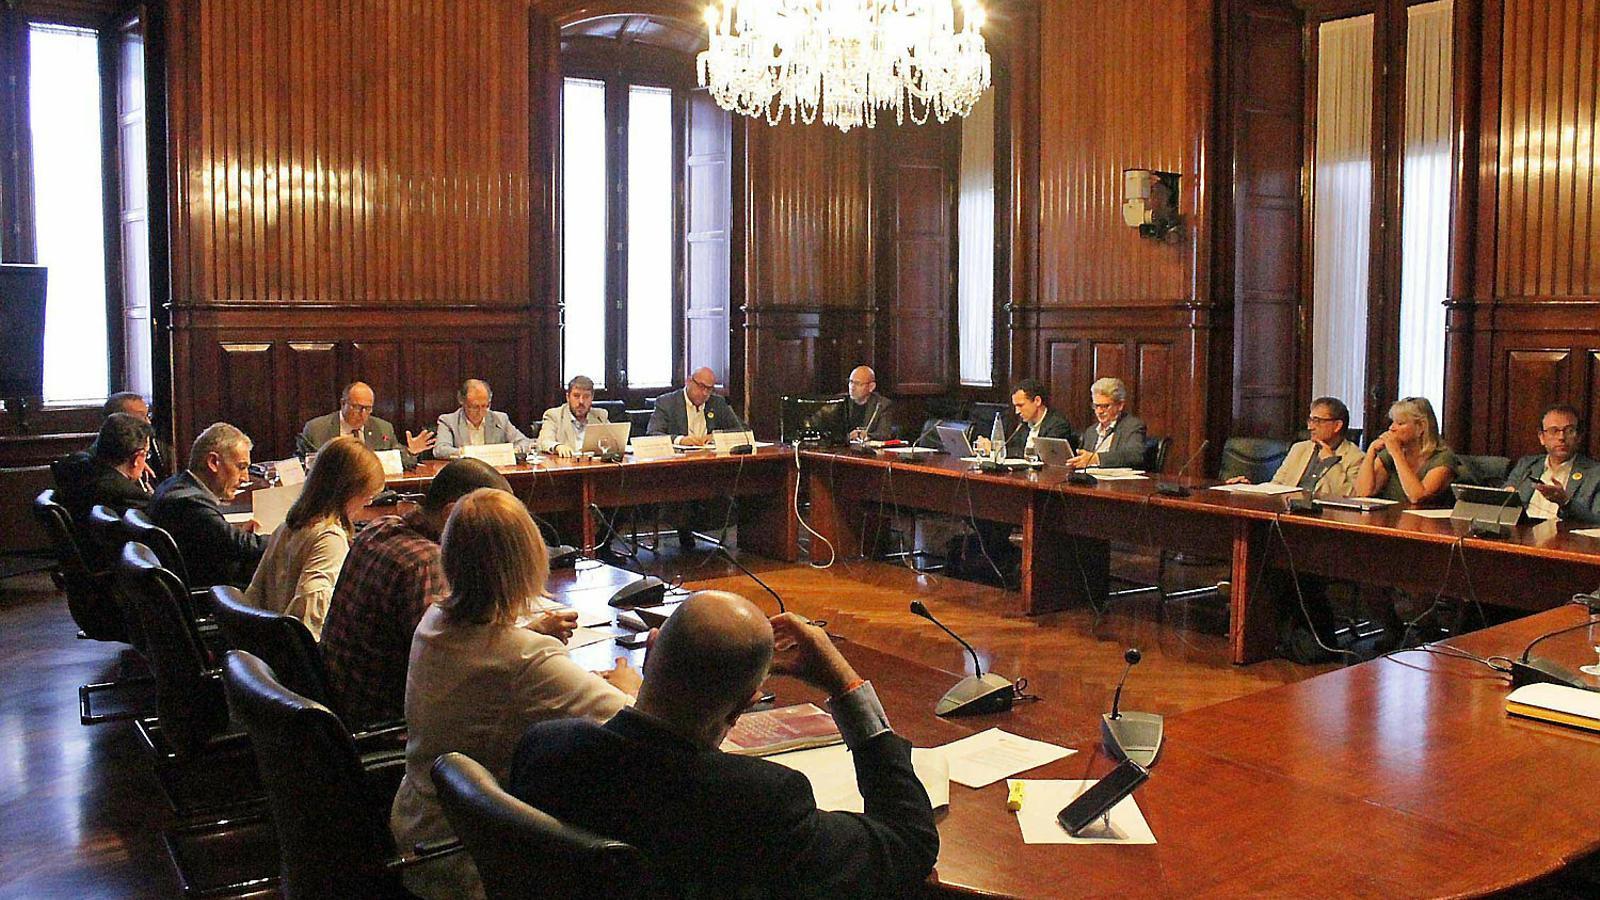 Una reunió dels síndics  De comptes al Parlament de Catalunya, El mes passat.